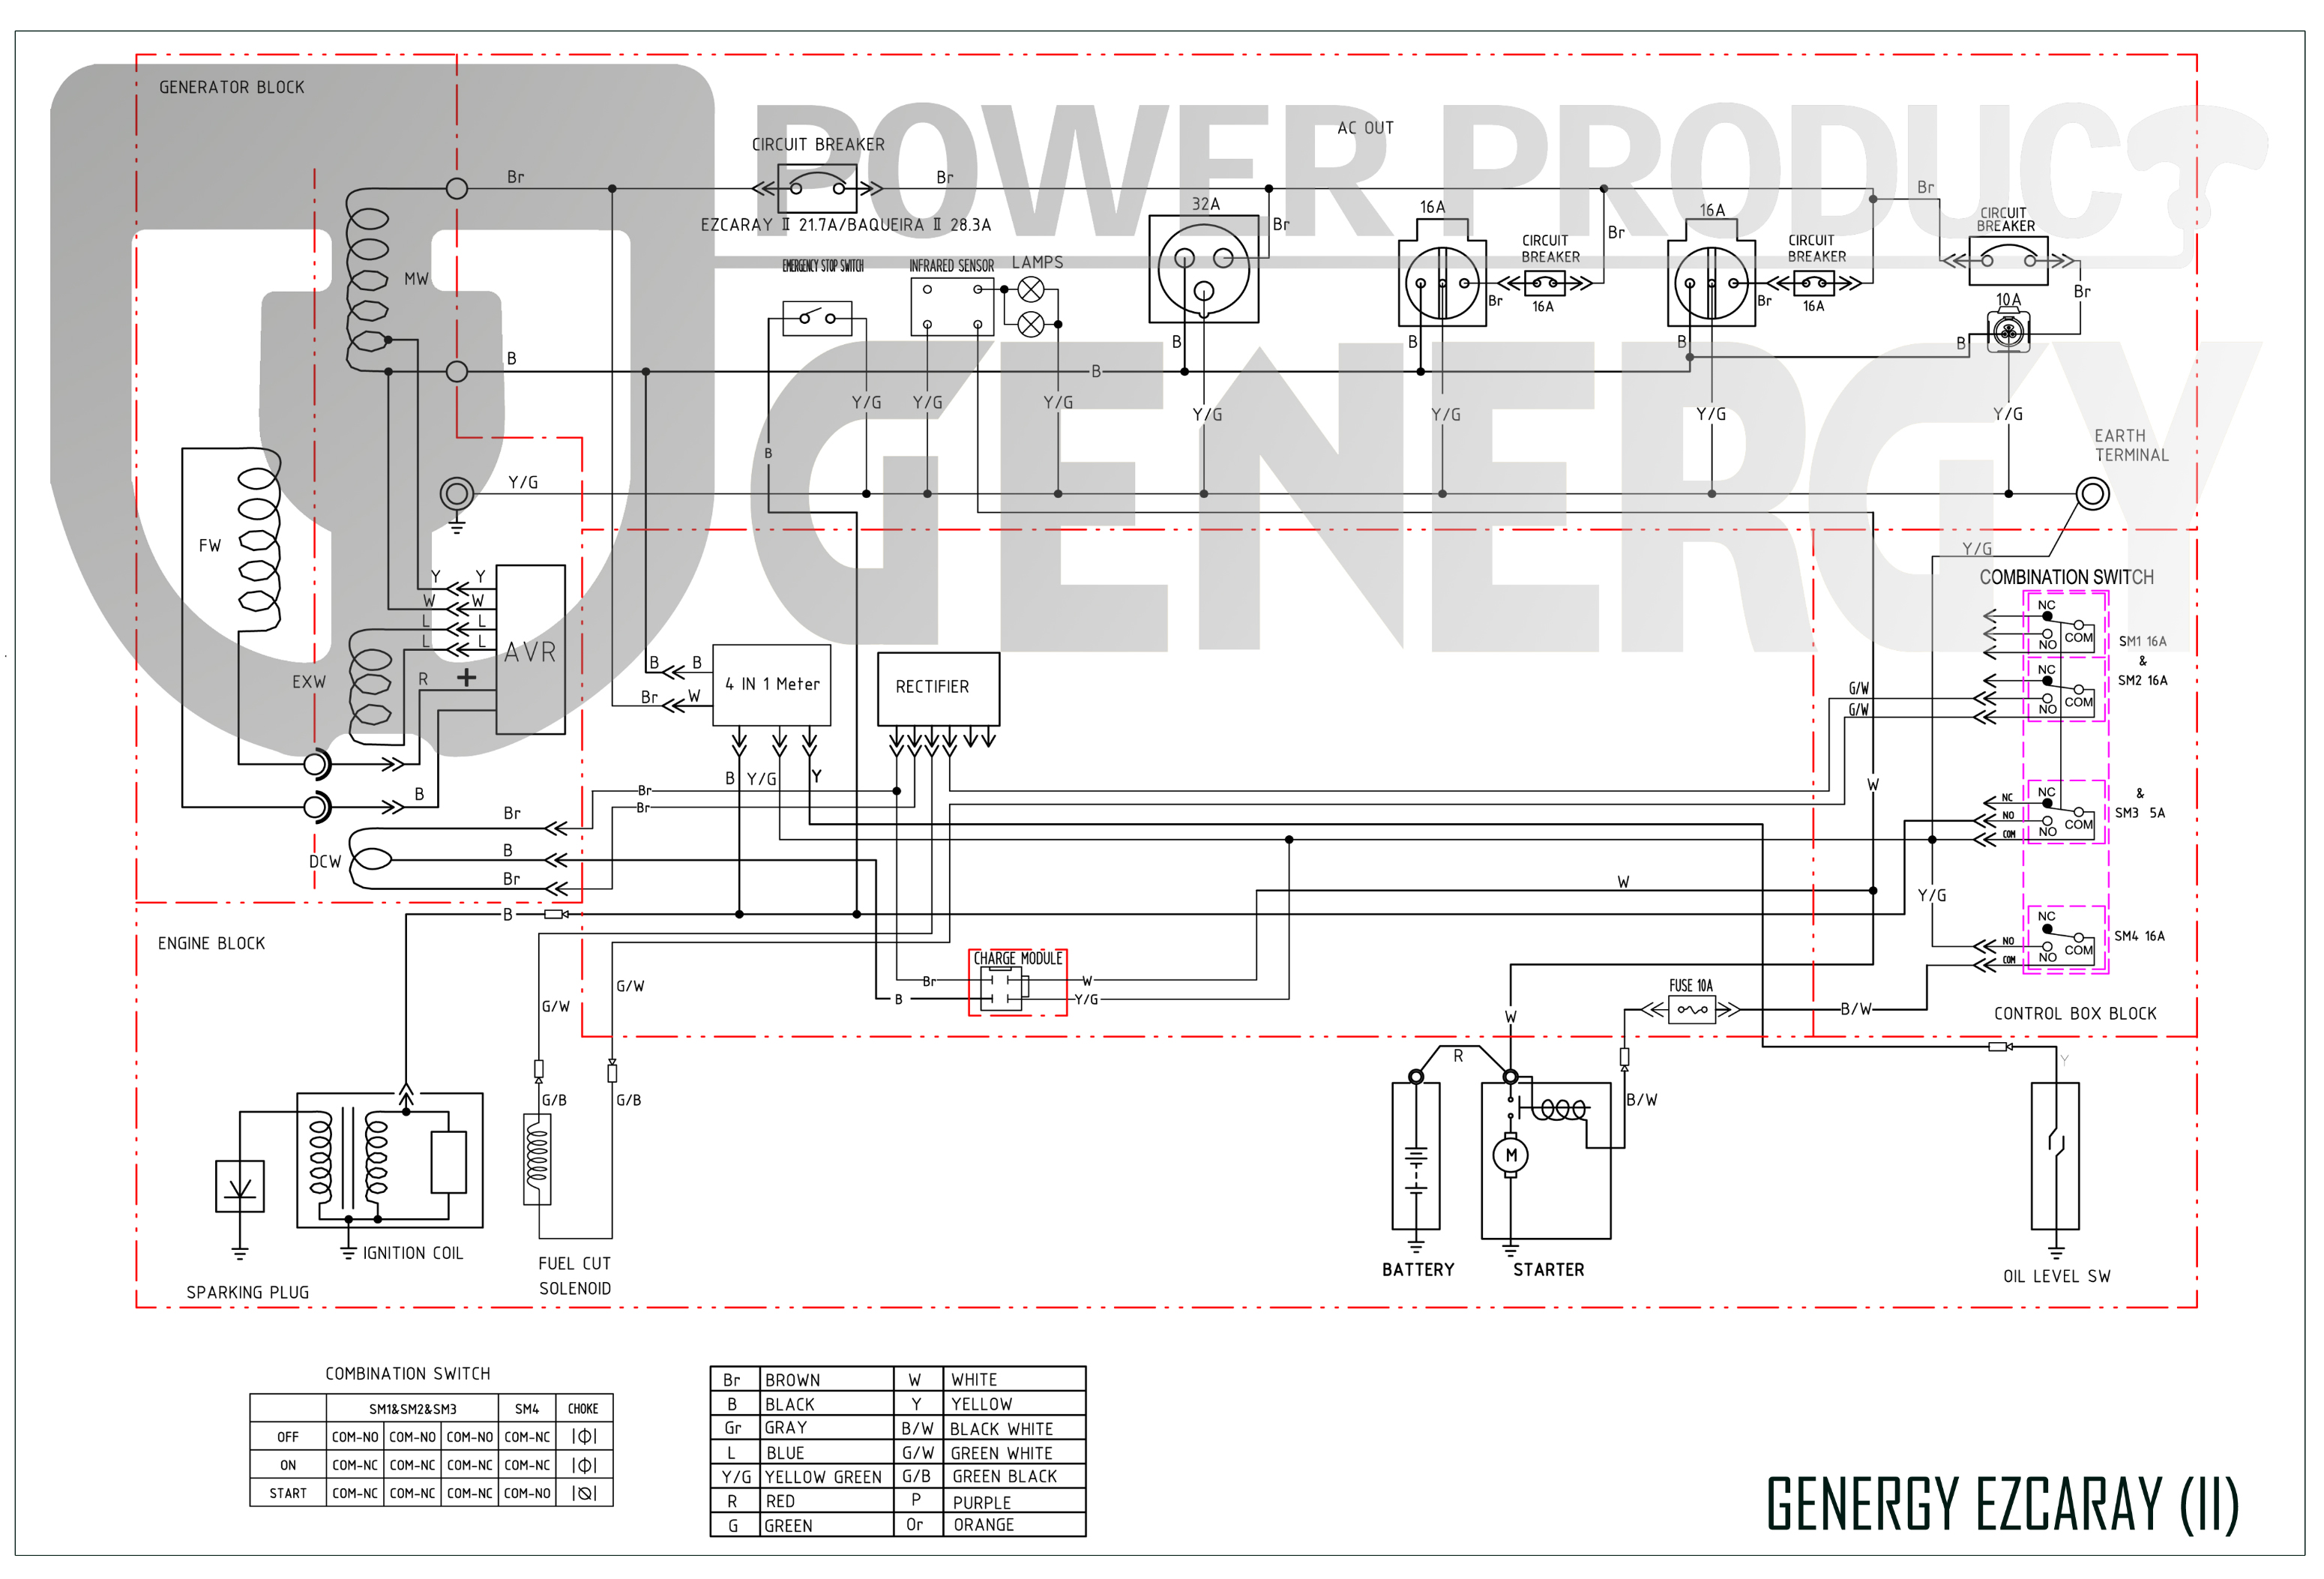 Esquema Generador Ezcaray Premium